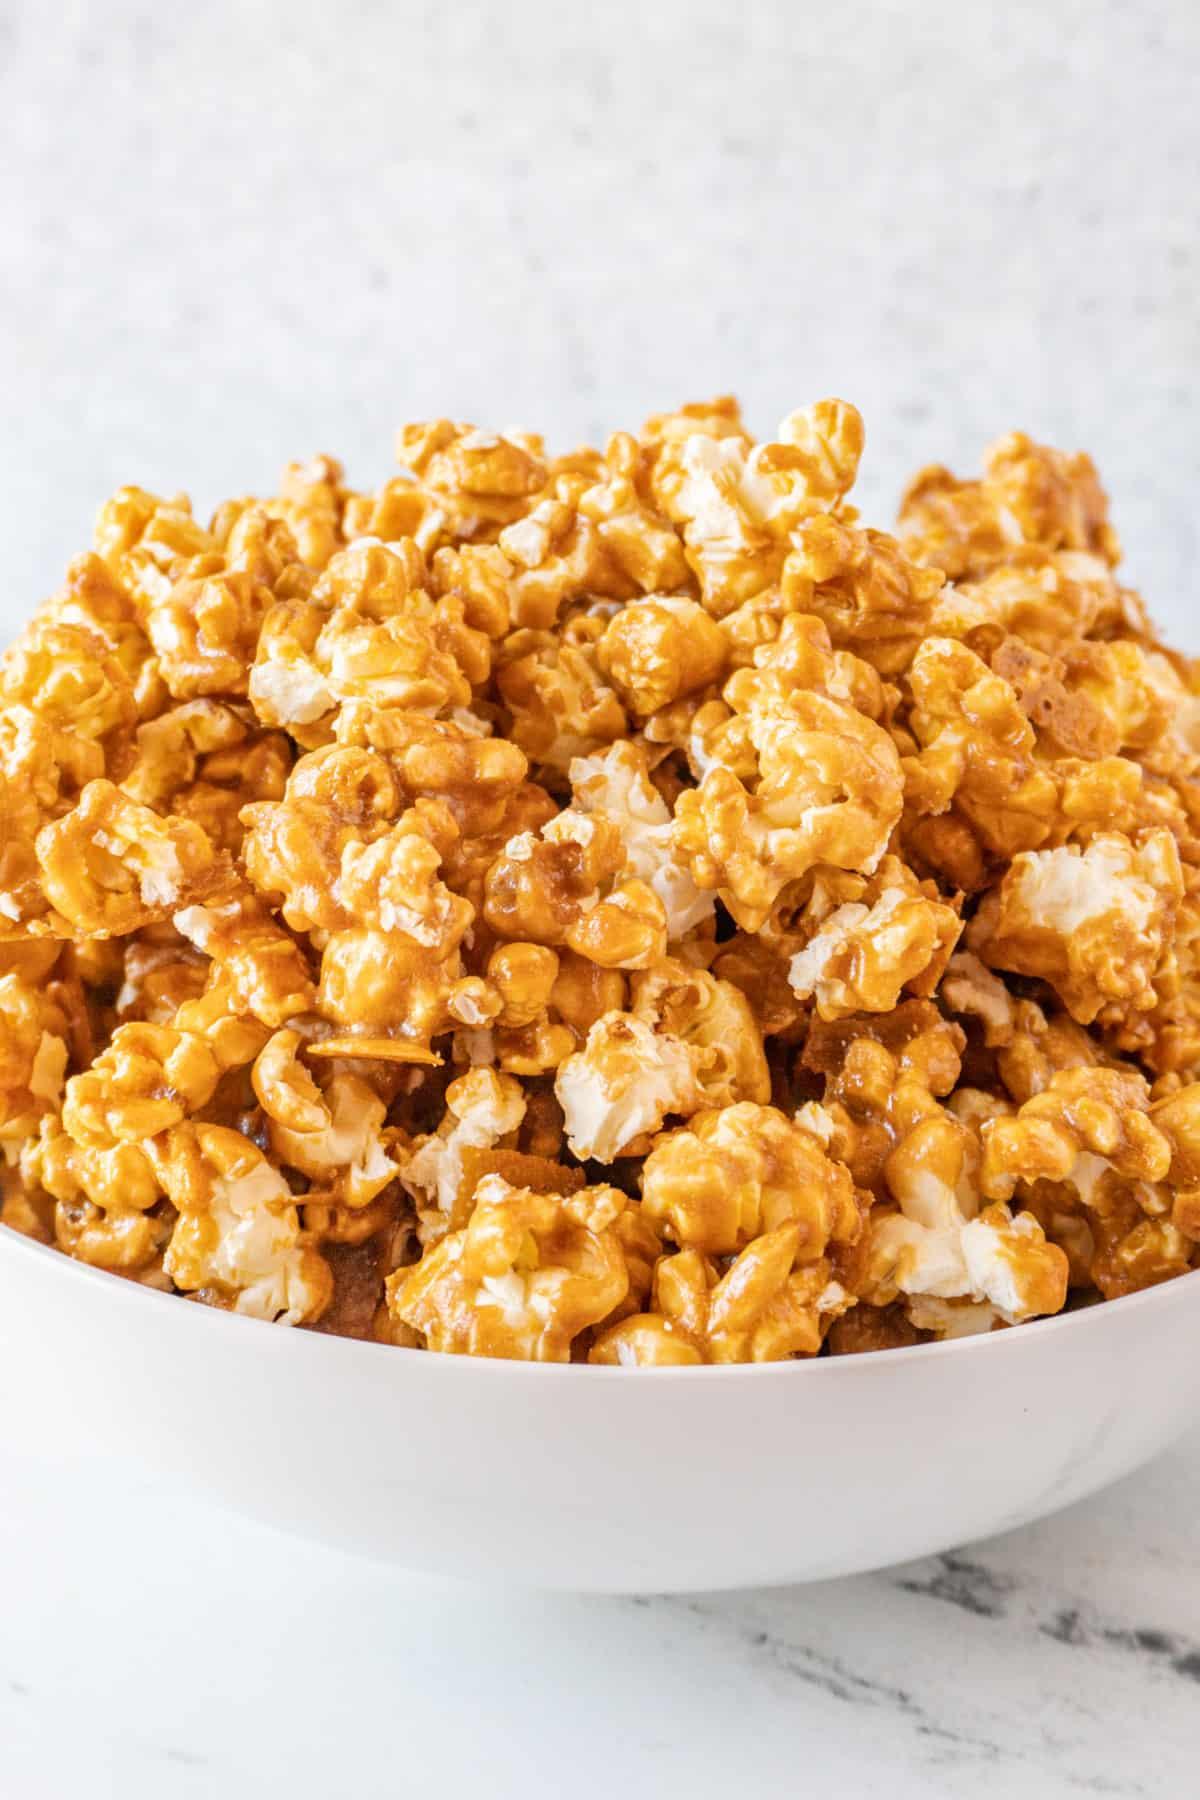 caramel popcorn piled high in large white bowl